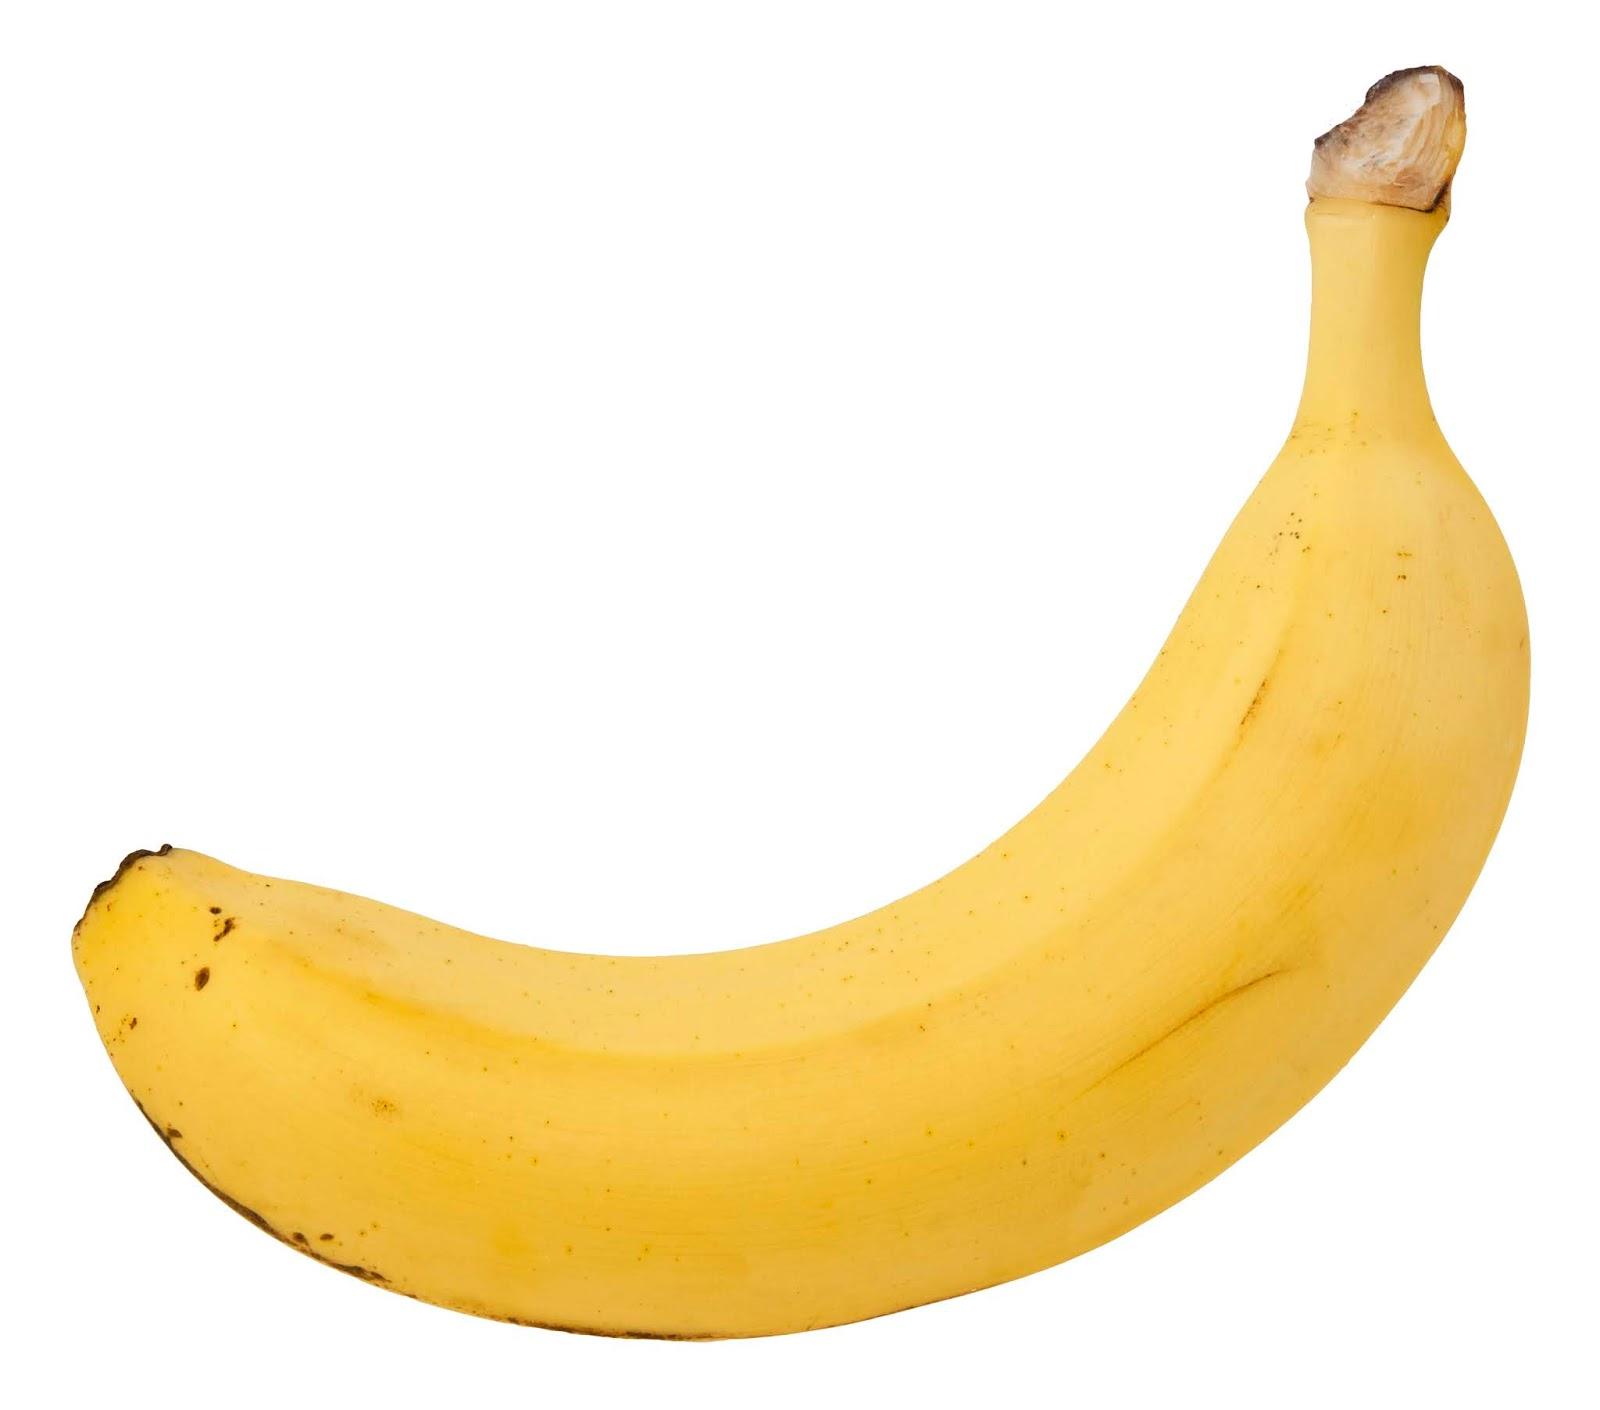 se voglio perdere peso, posso mangiare banane